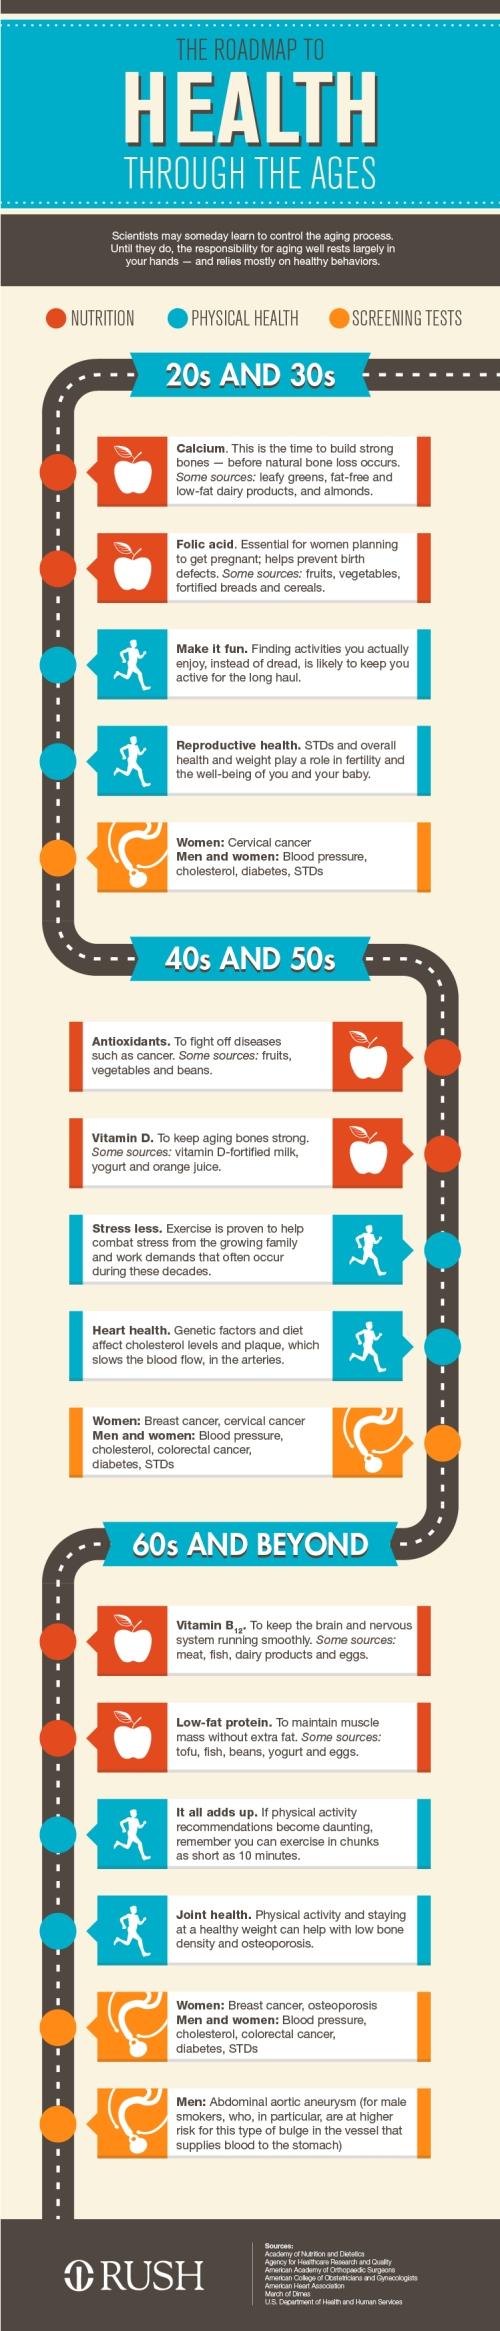 Health-through-the-decades.jpg